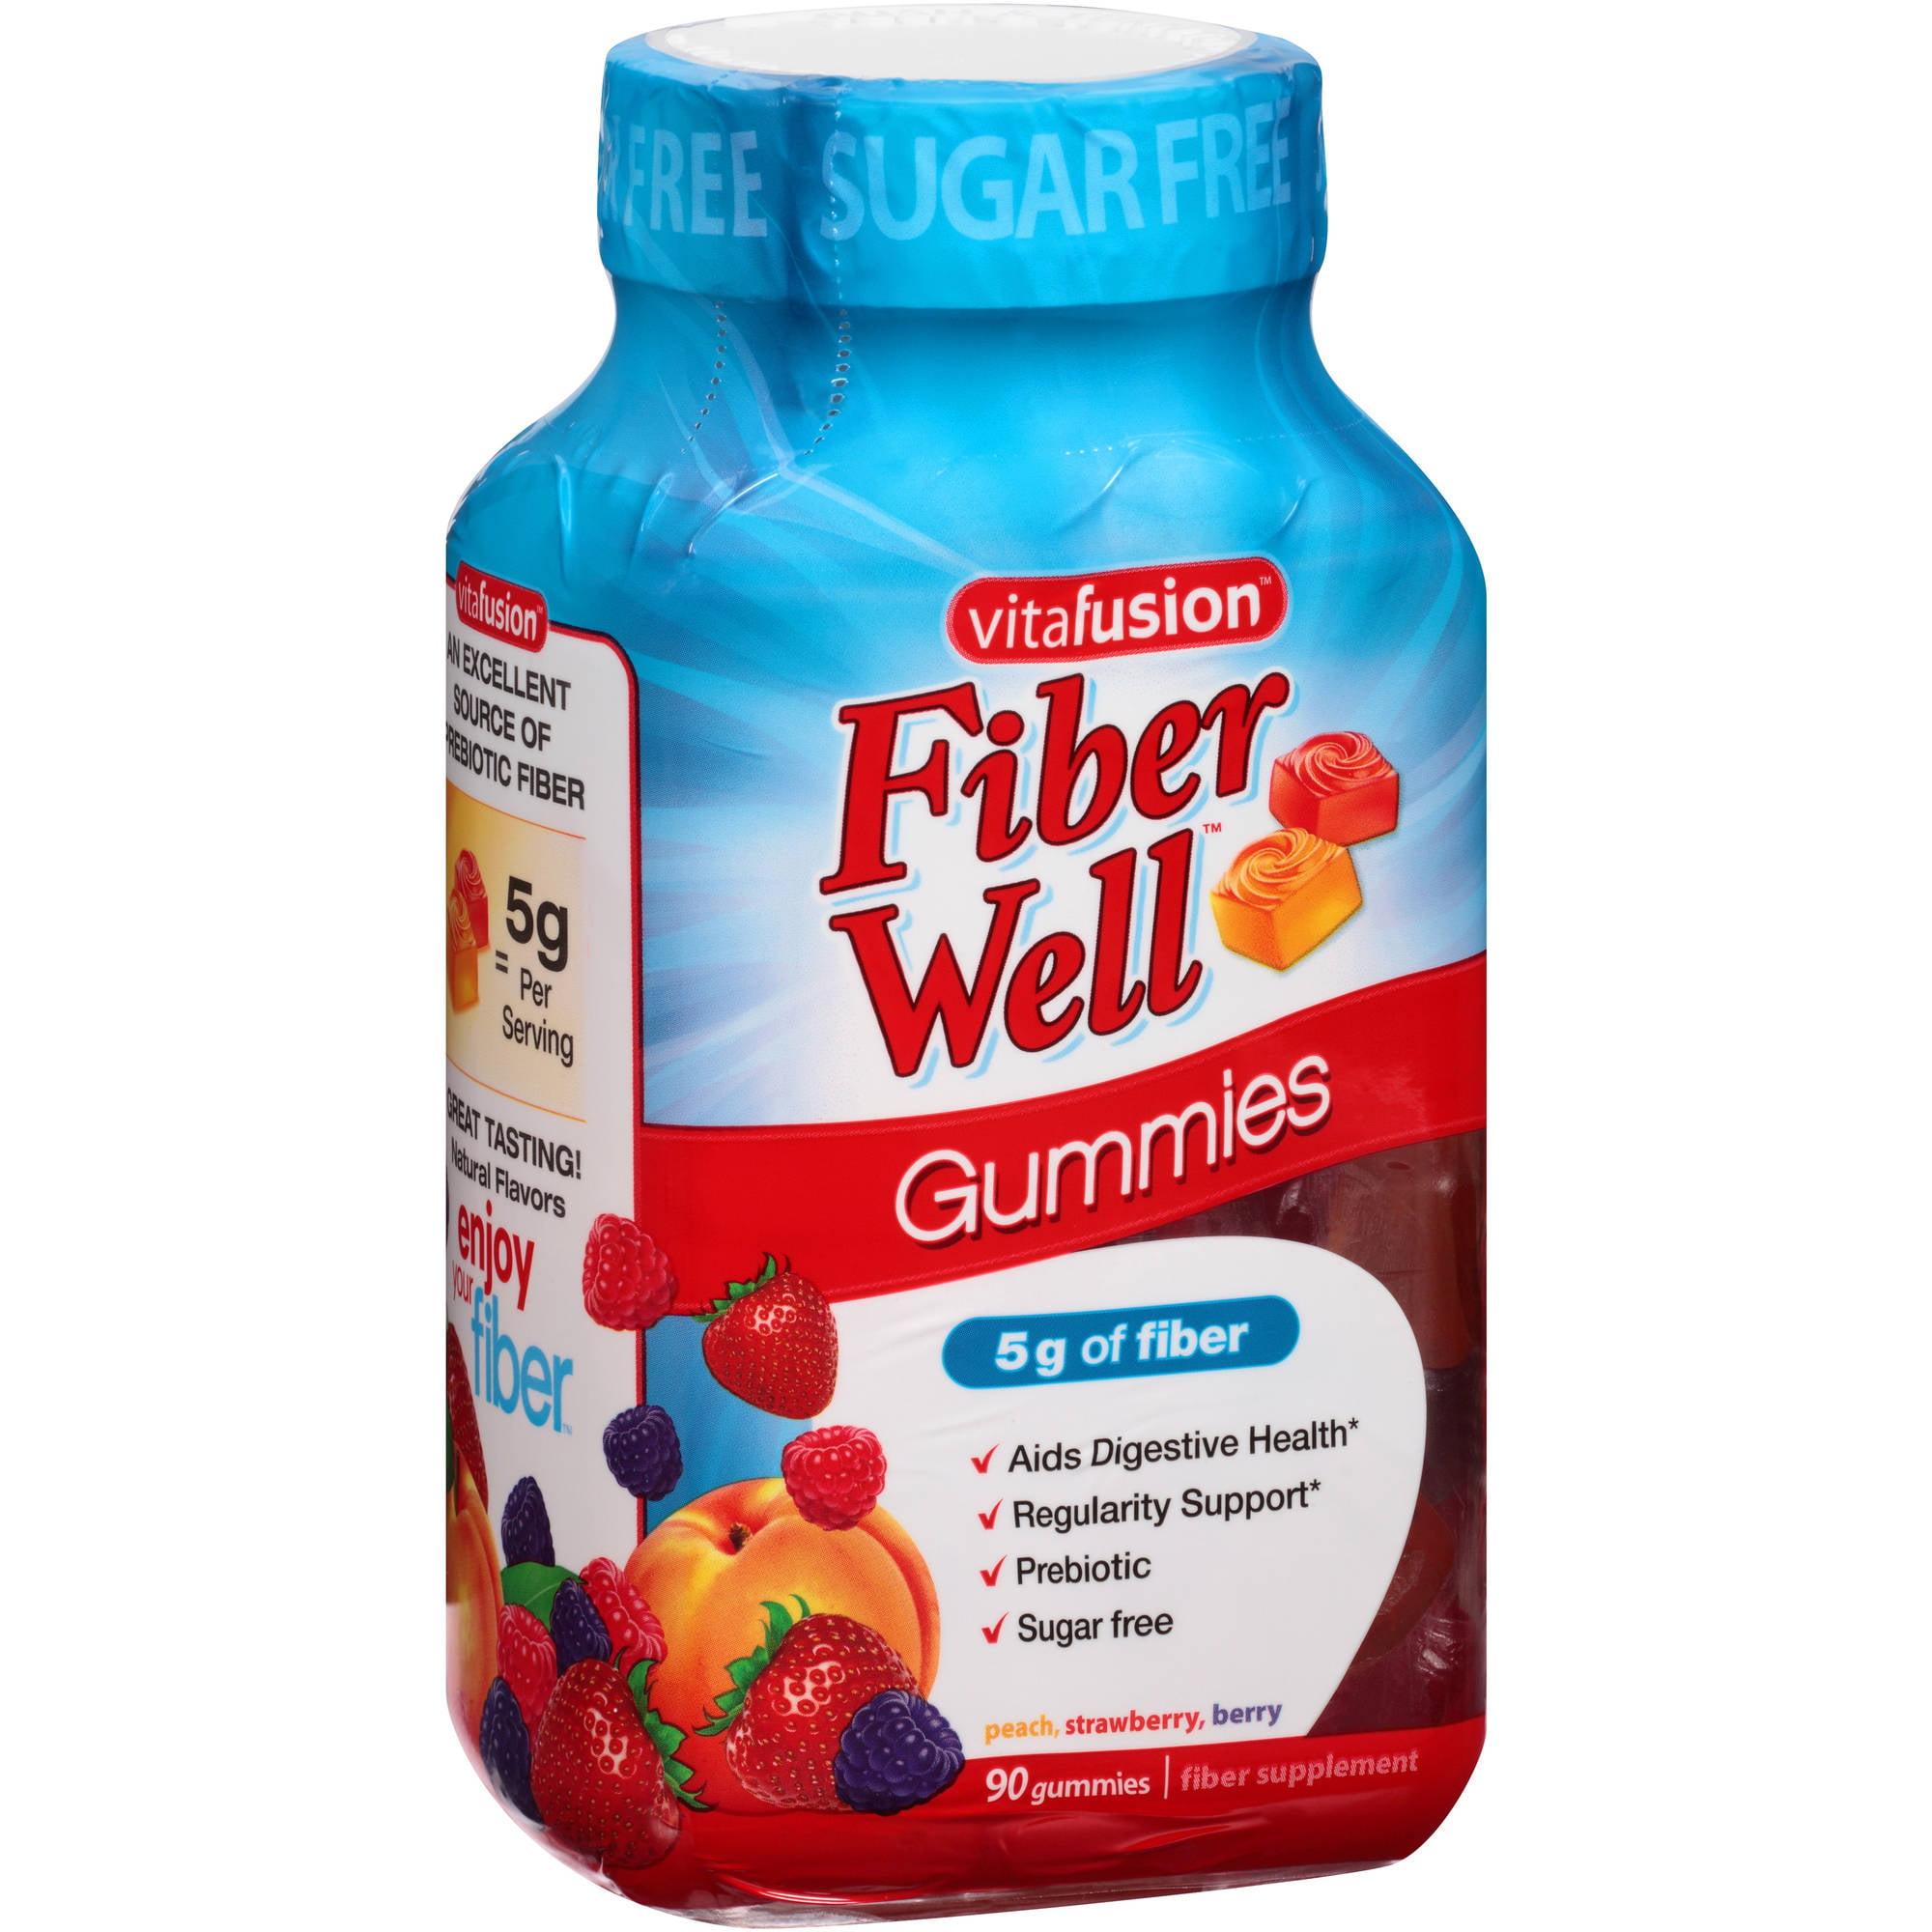 Vitafusion Fiber Well Gummies Prebiotic Fiber Supplement, 90 count